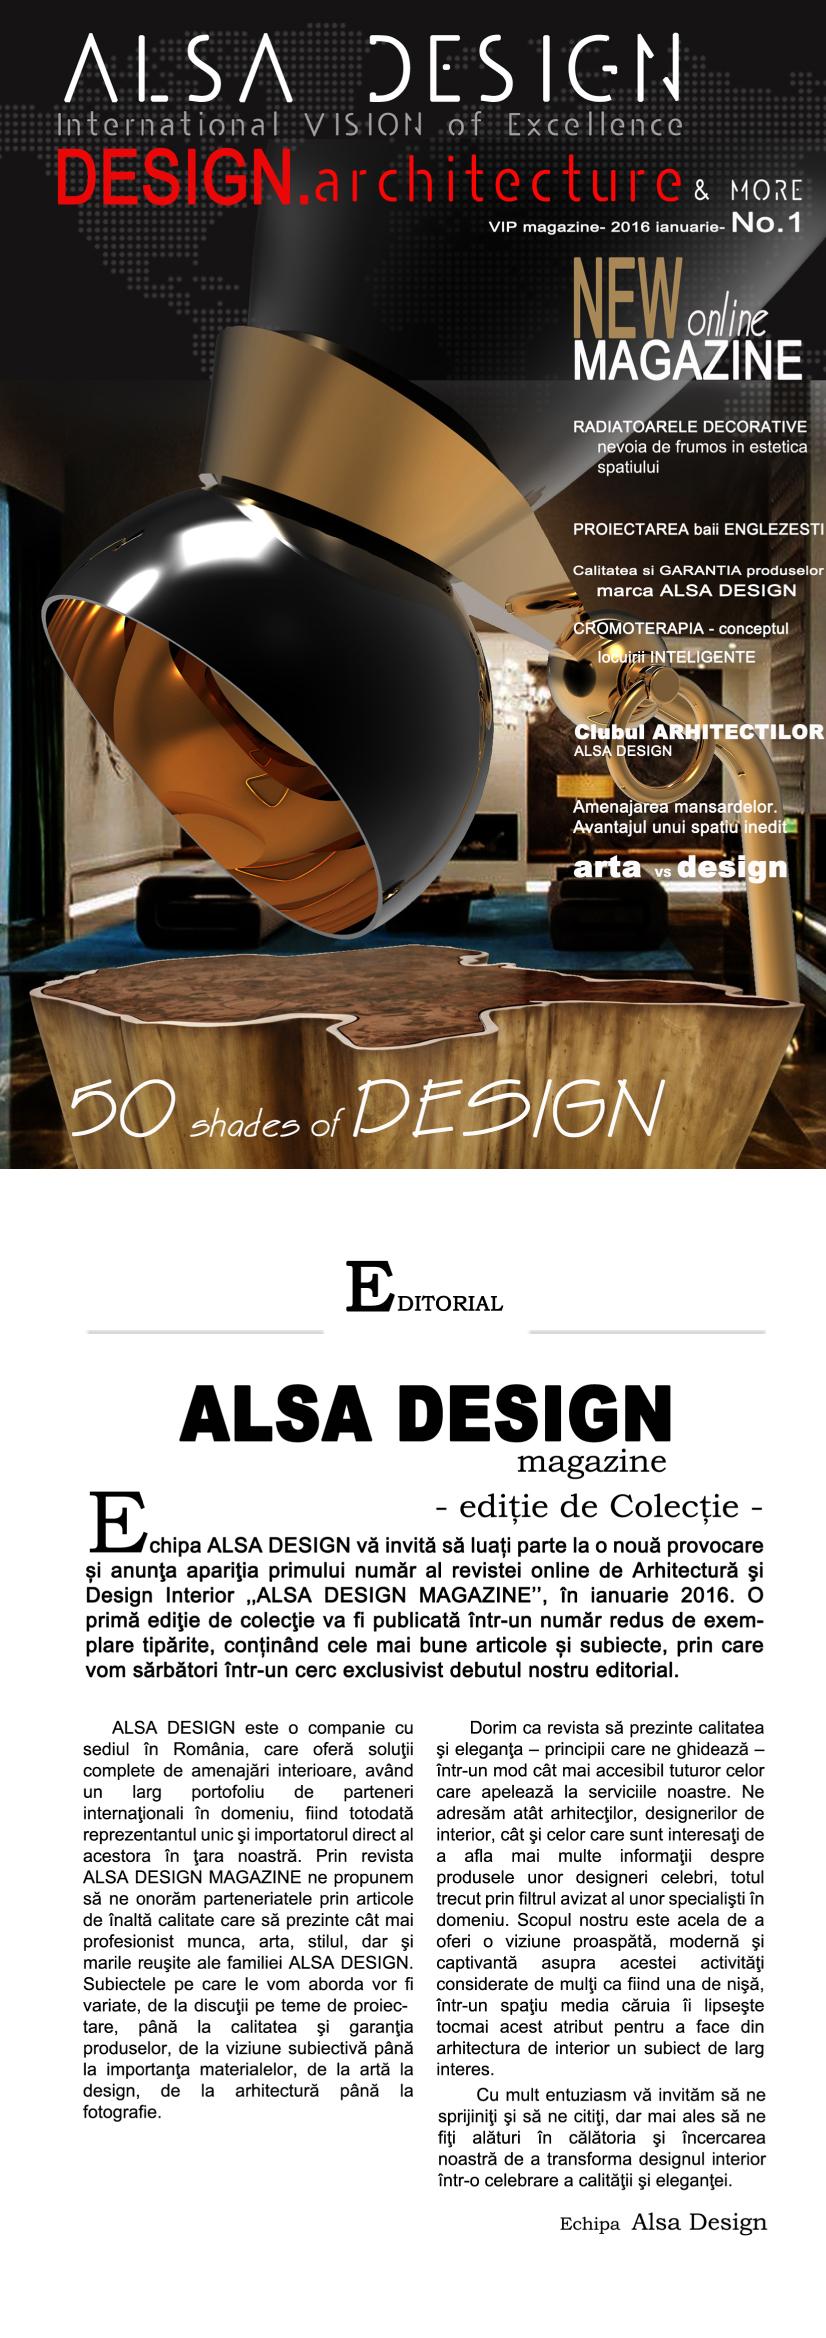 alsa-design-editorial